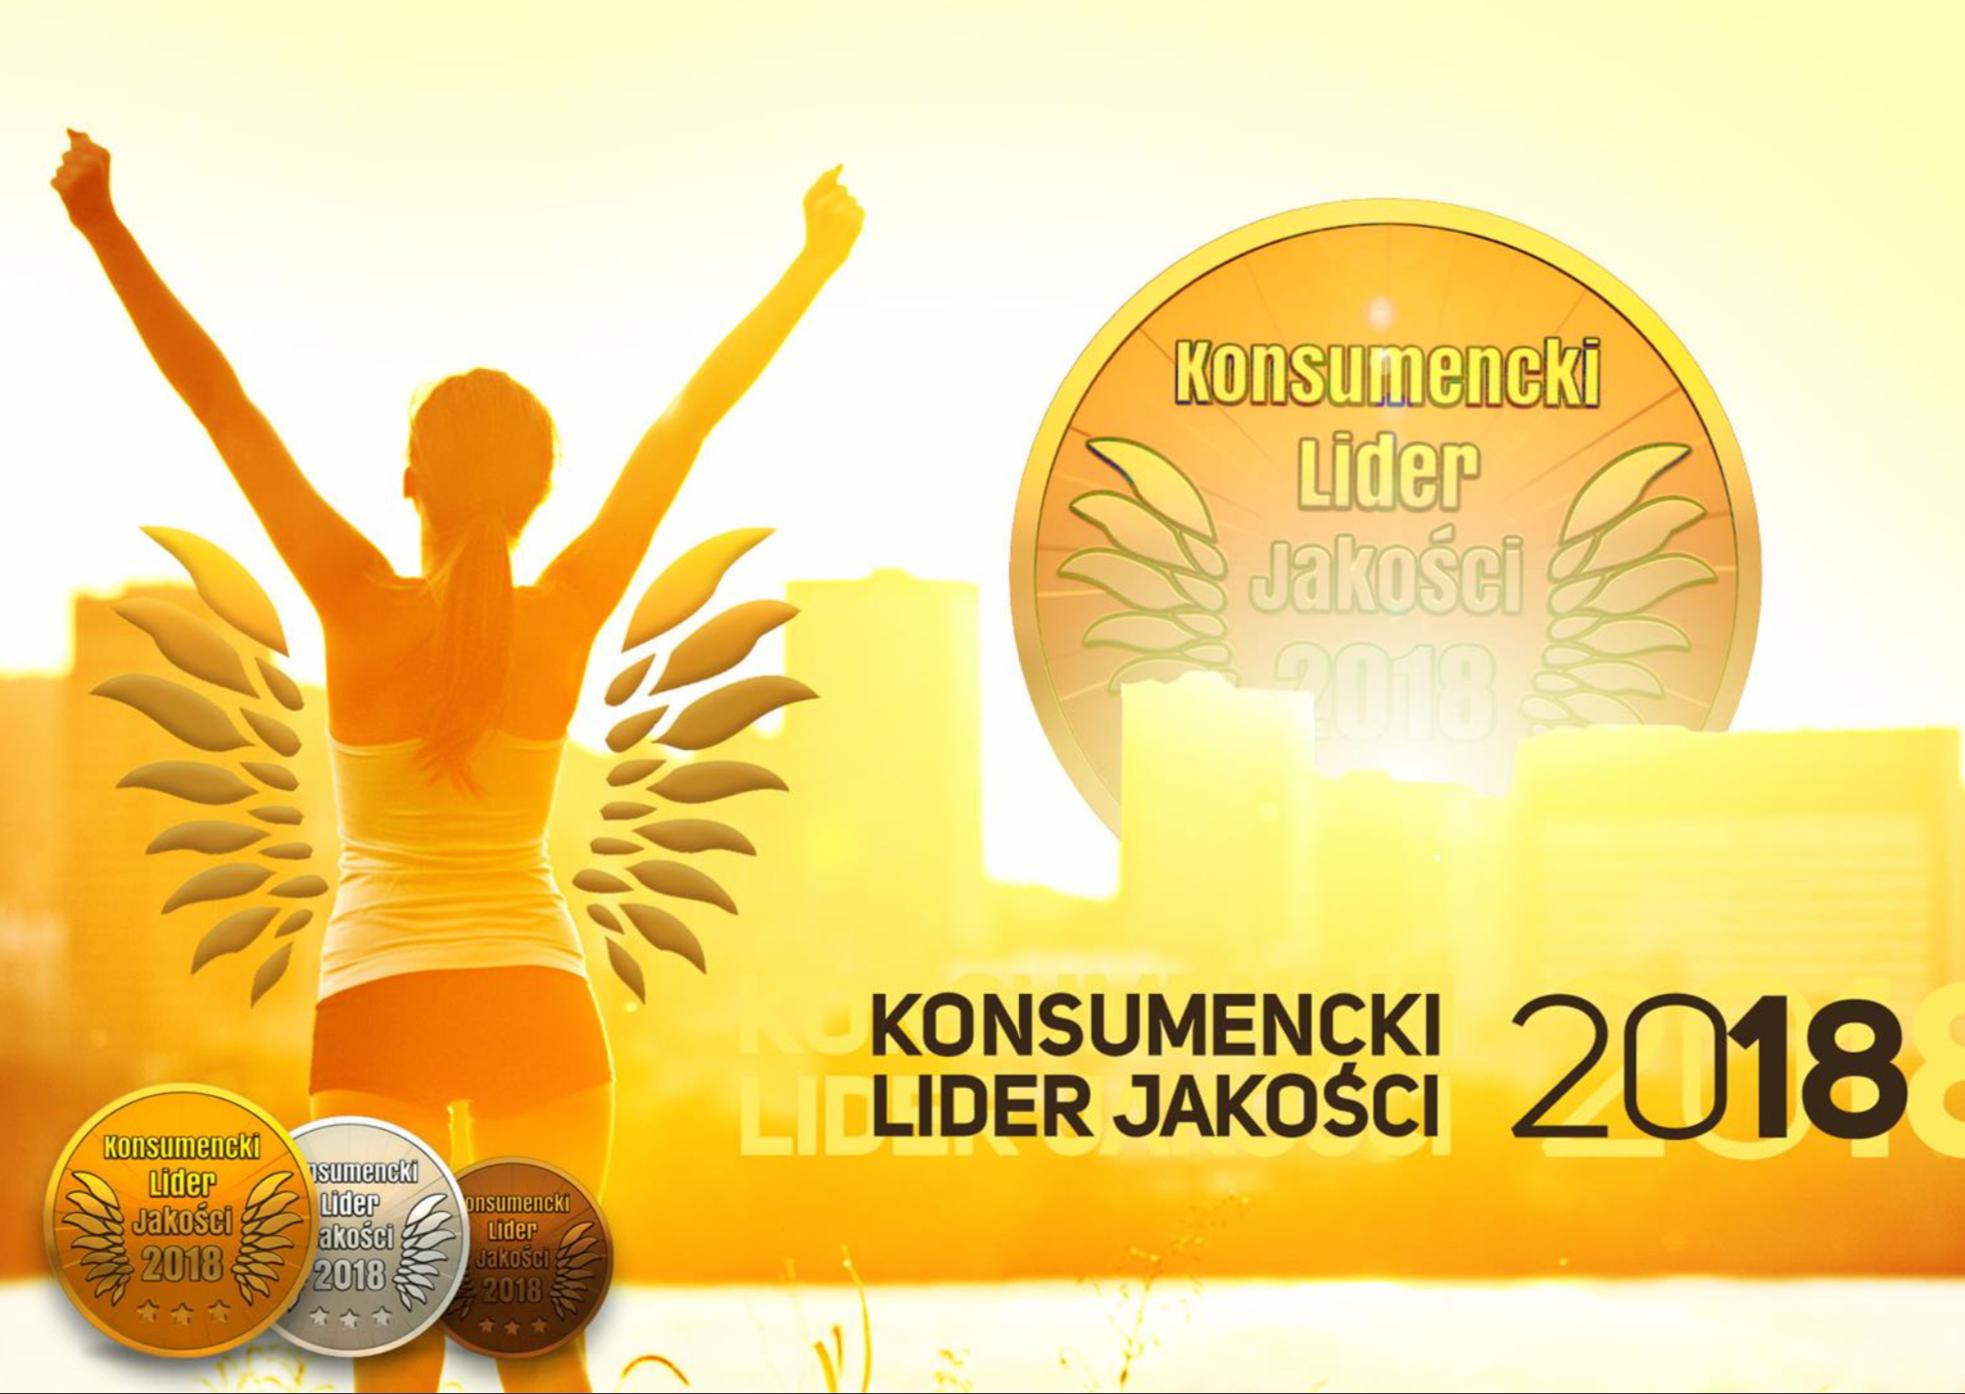 Konsumencki Lider Jakości - Otodom otrzymał Złote Godło